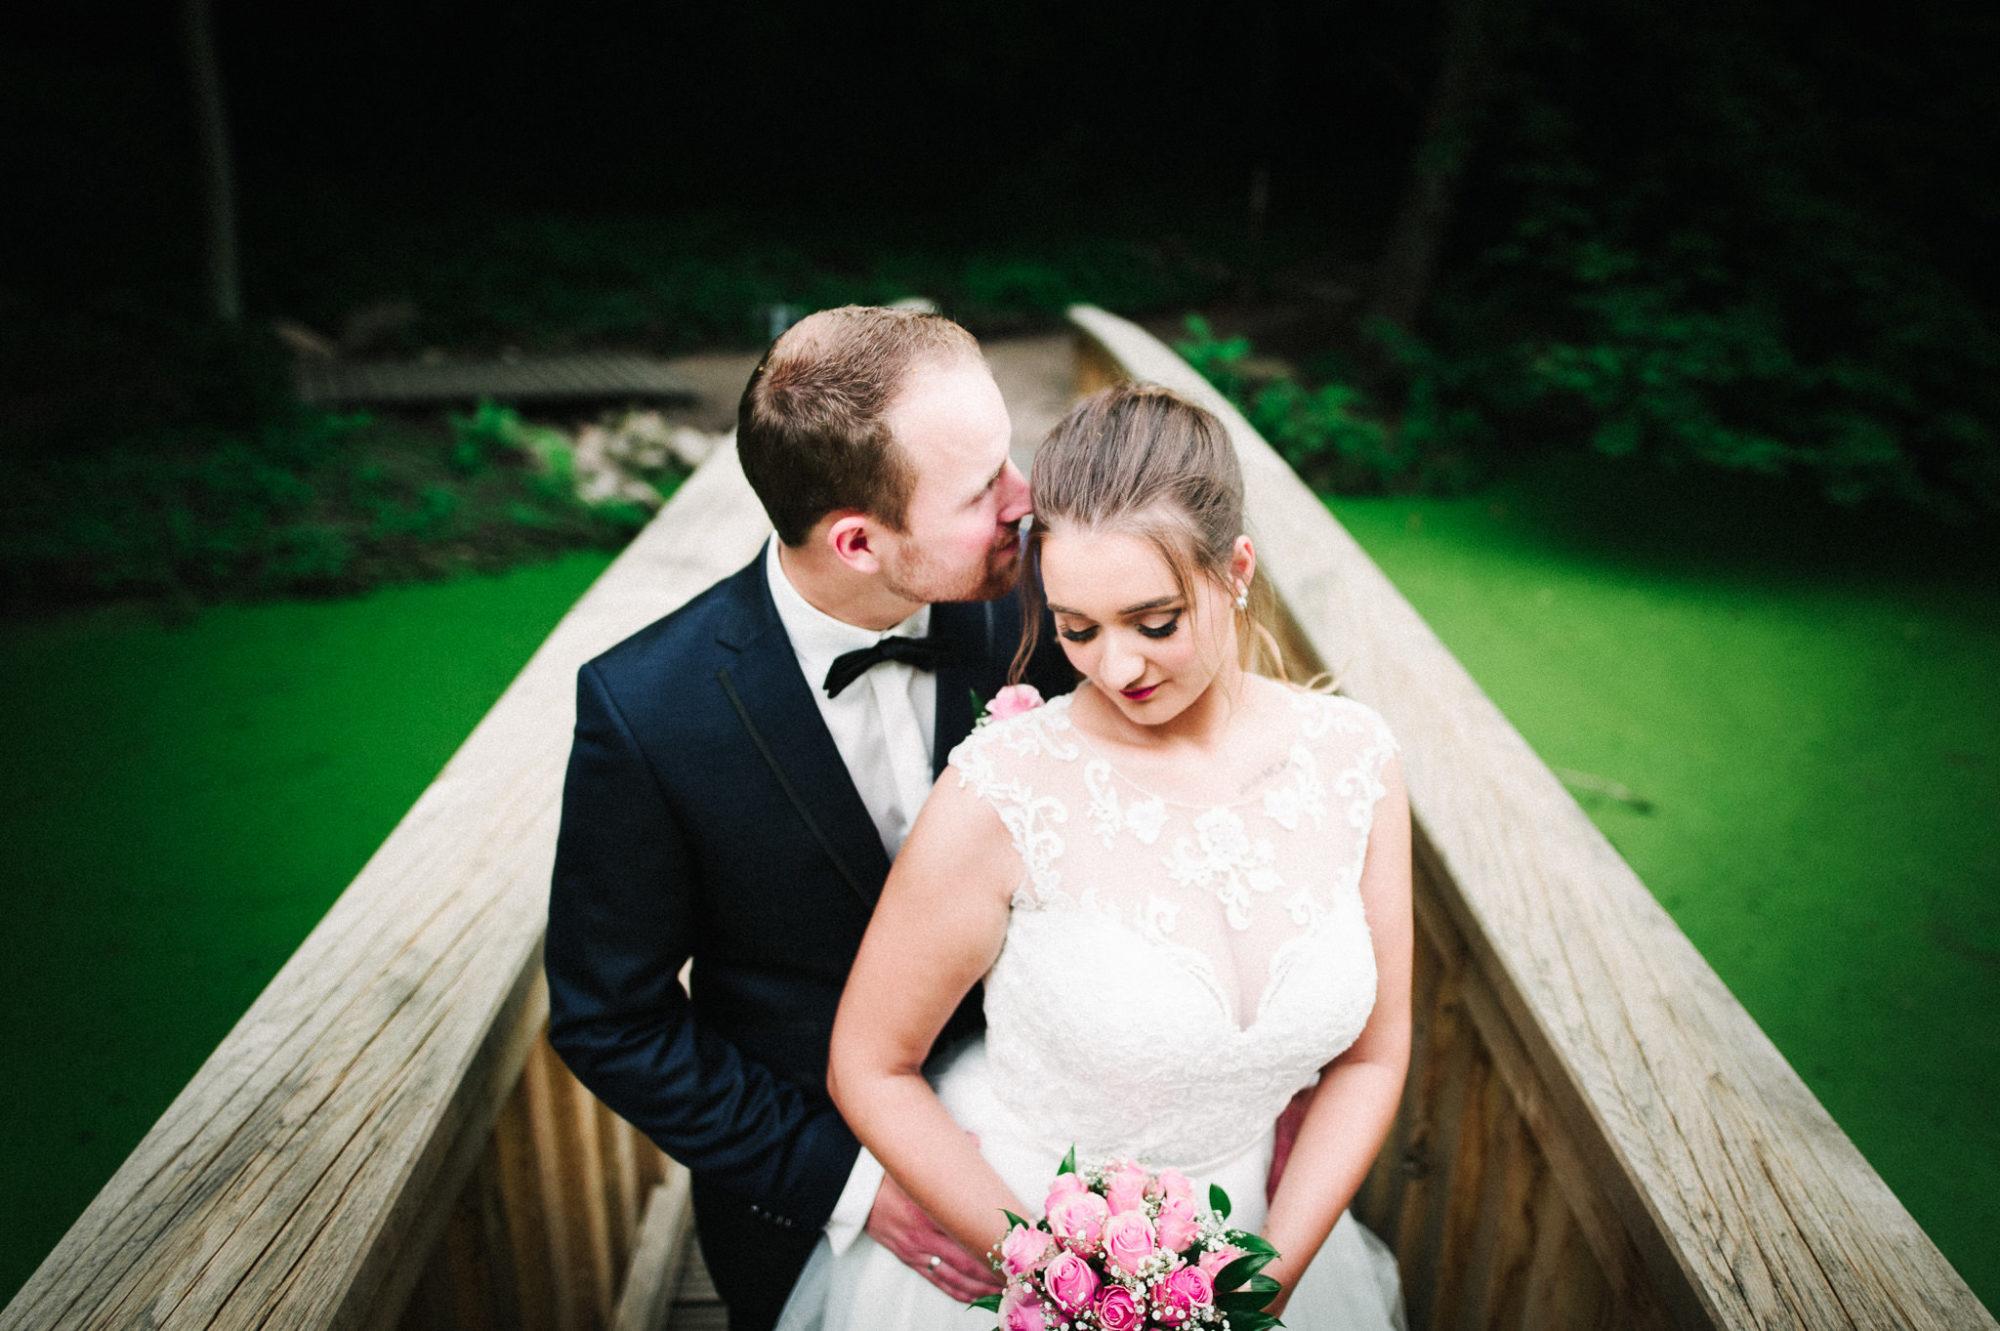 Brautpaarshooting im Schlosspark Agathenburg auf der neuen Brücke